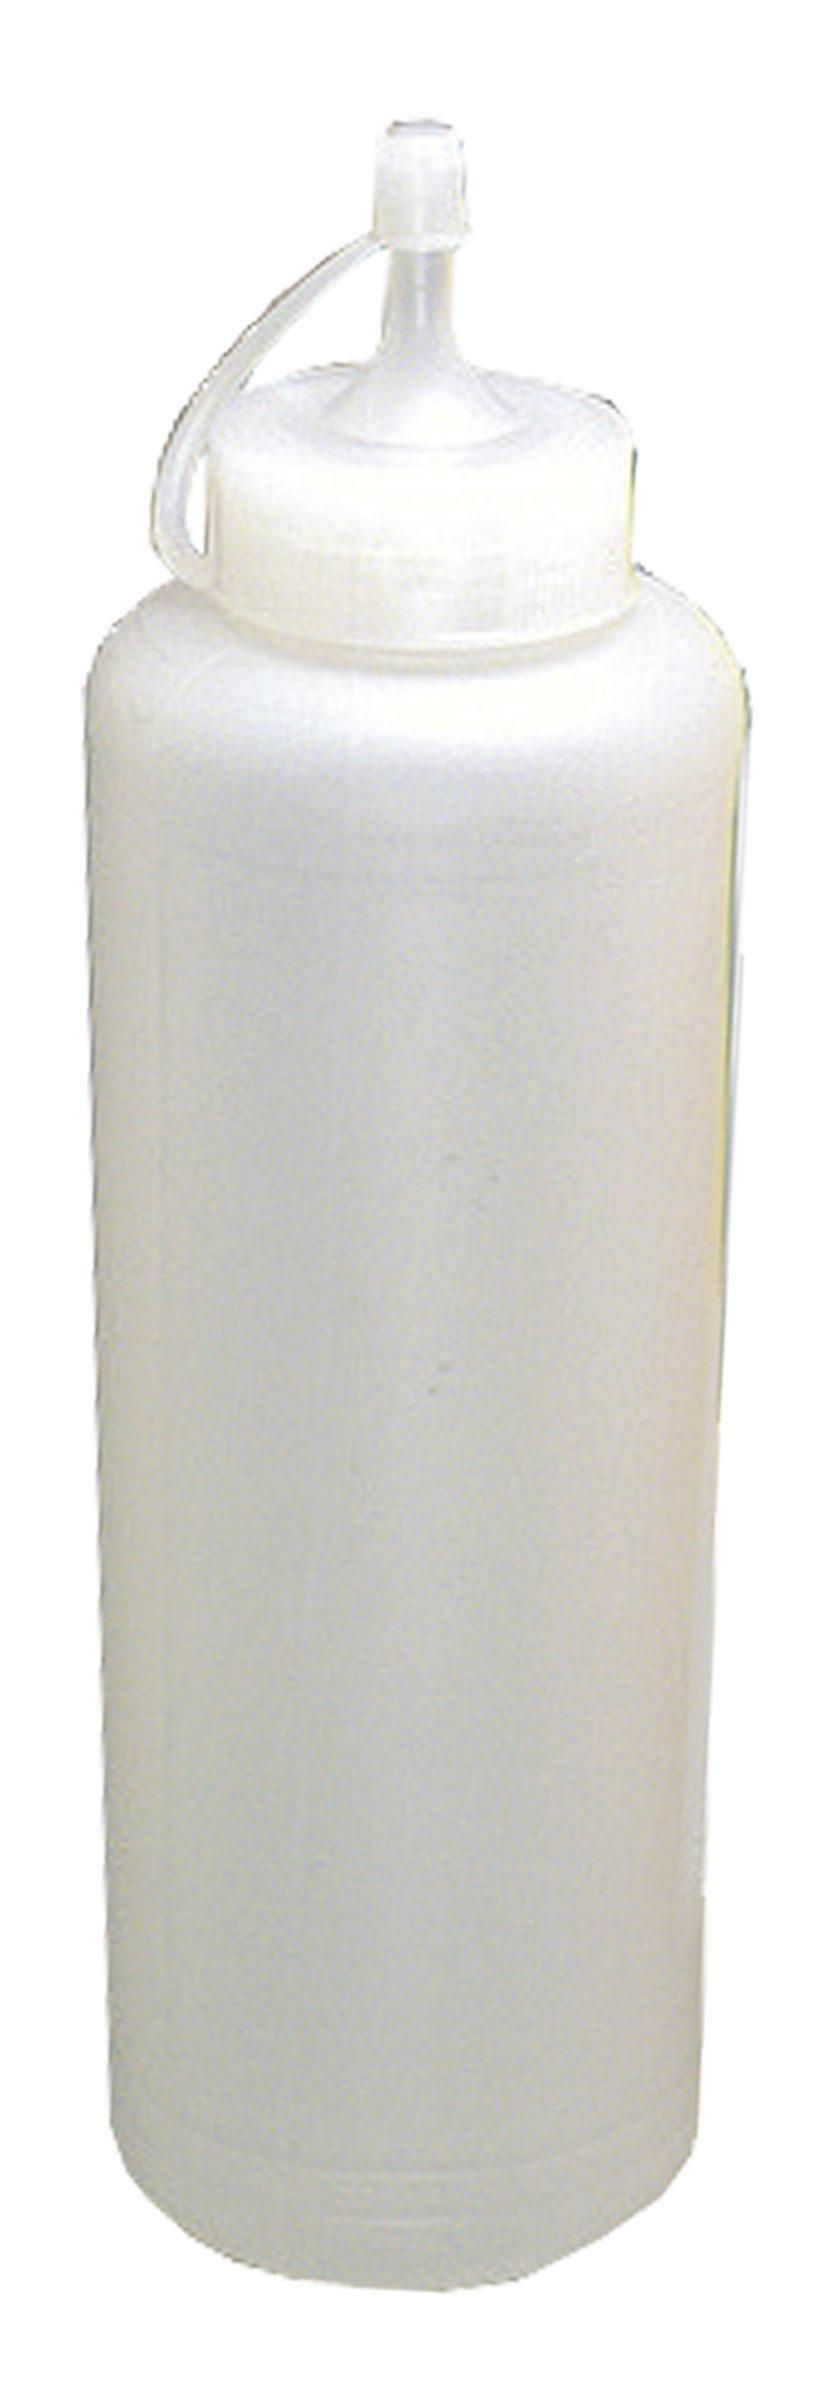 PLASTIC DISPENSER  (CLEAR) - 1LT (PACK OF 6)